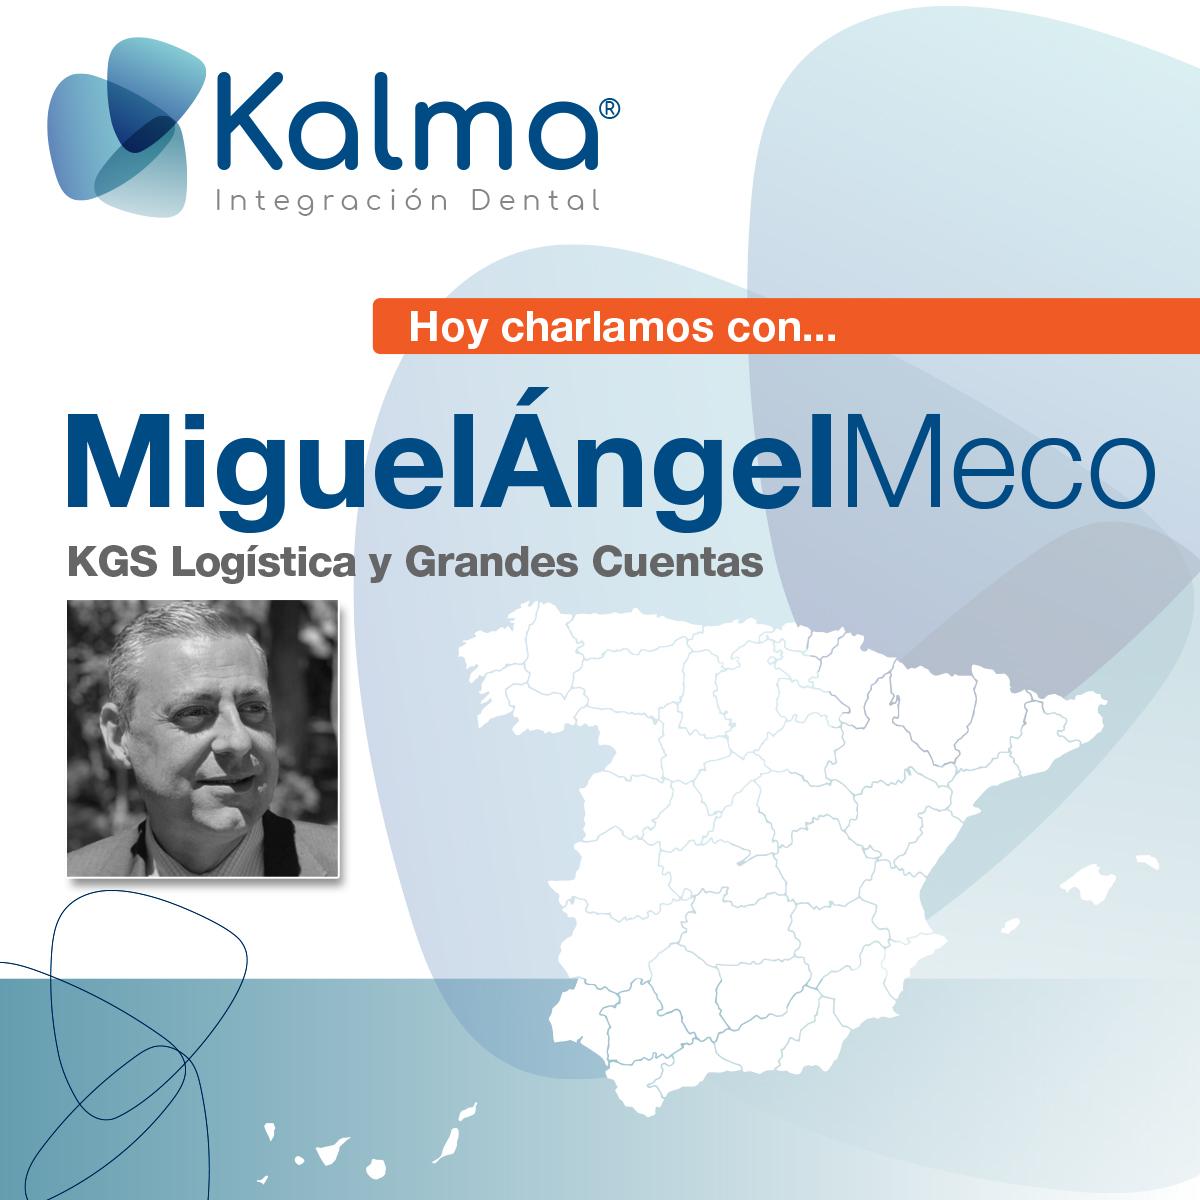 Miguel Ángel Meco Grandes Cuentas en Kalma